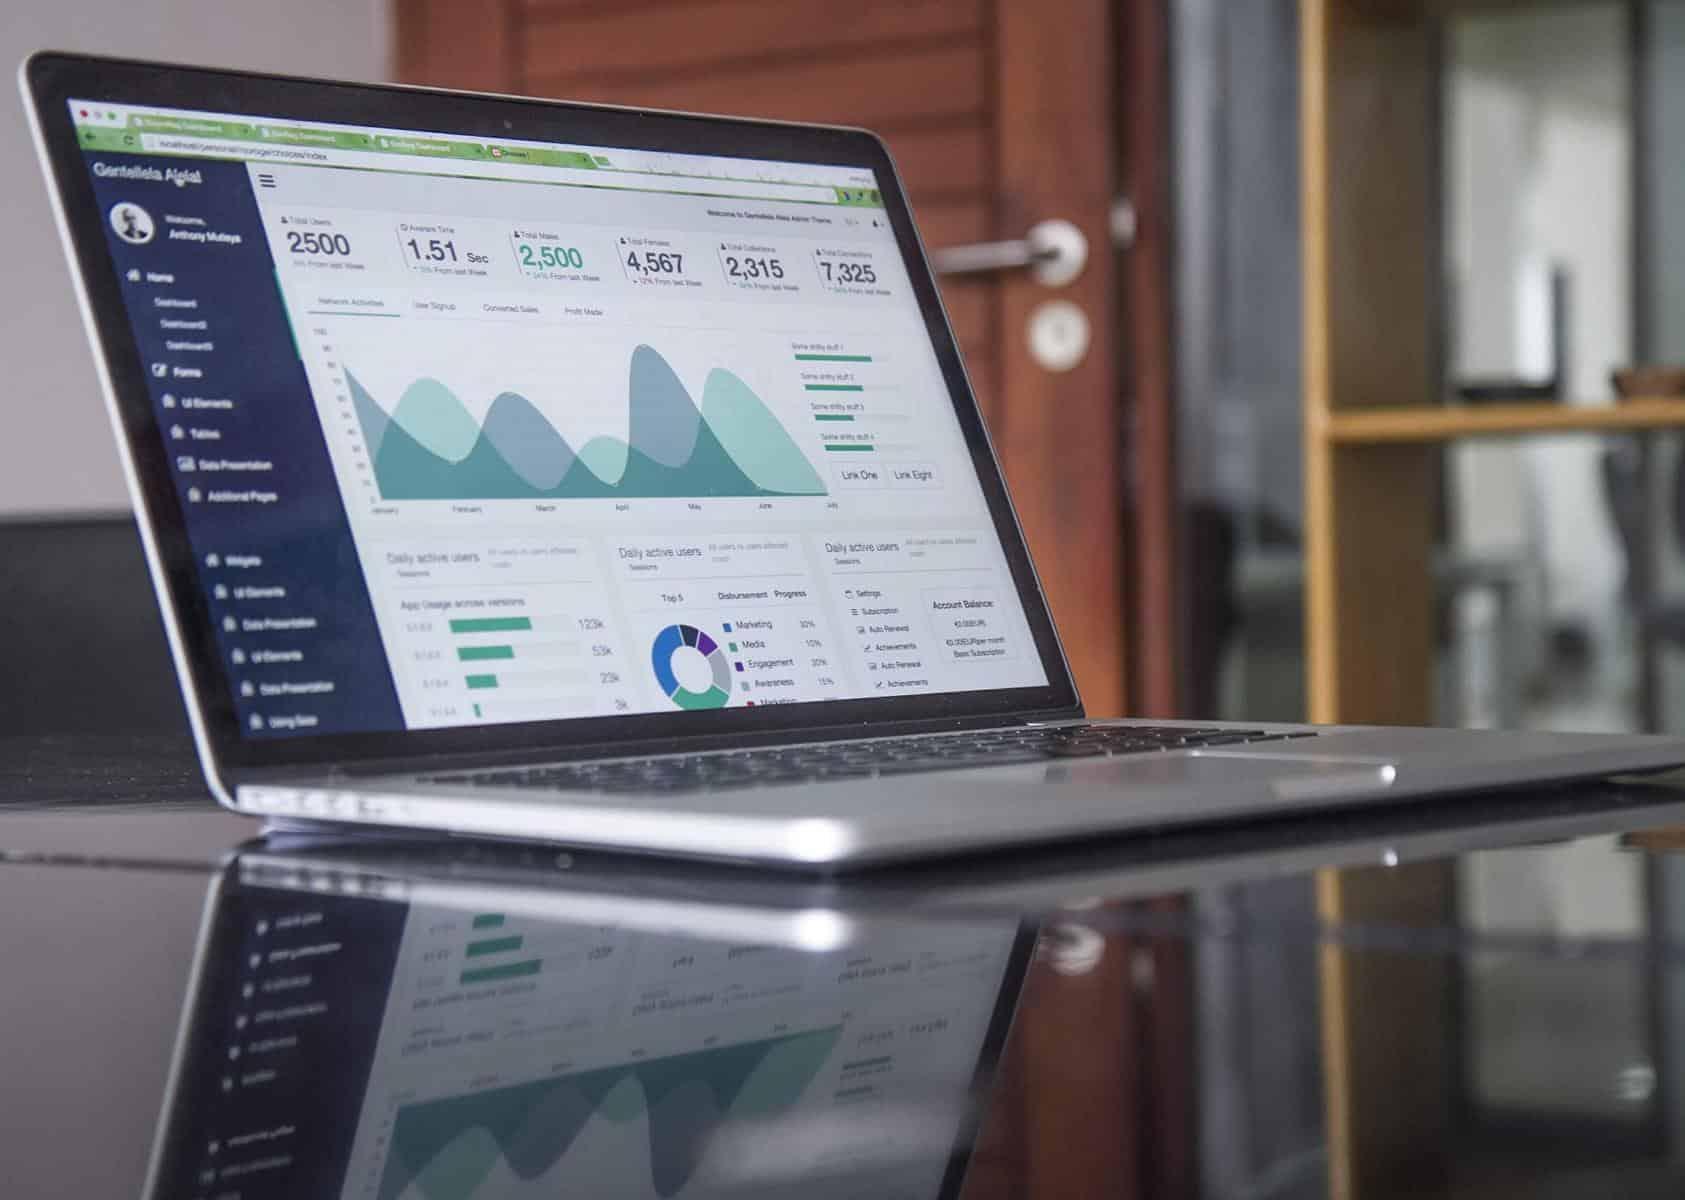 Das Foto zeigt unterschiedliche Datenanalysen auf einem Notebook. Usability KPIs und UX KPIs sind wichtige Faktoren bei einer allumfassenden User Research Photo by Carlos Muza on Unsplash